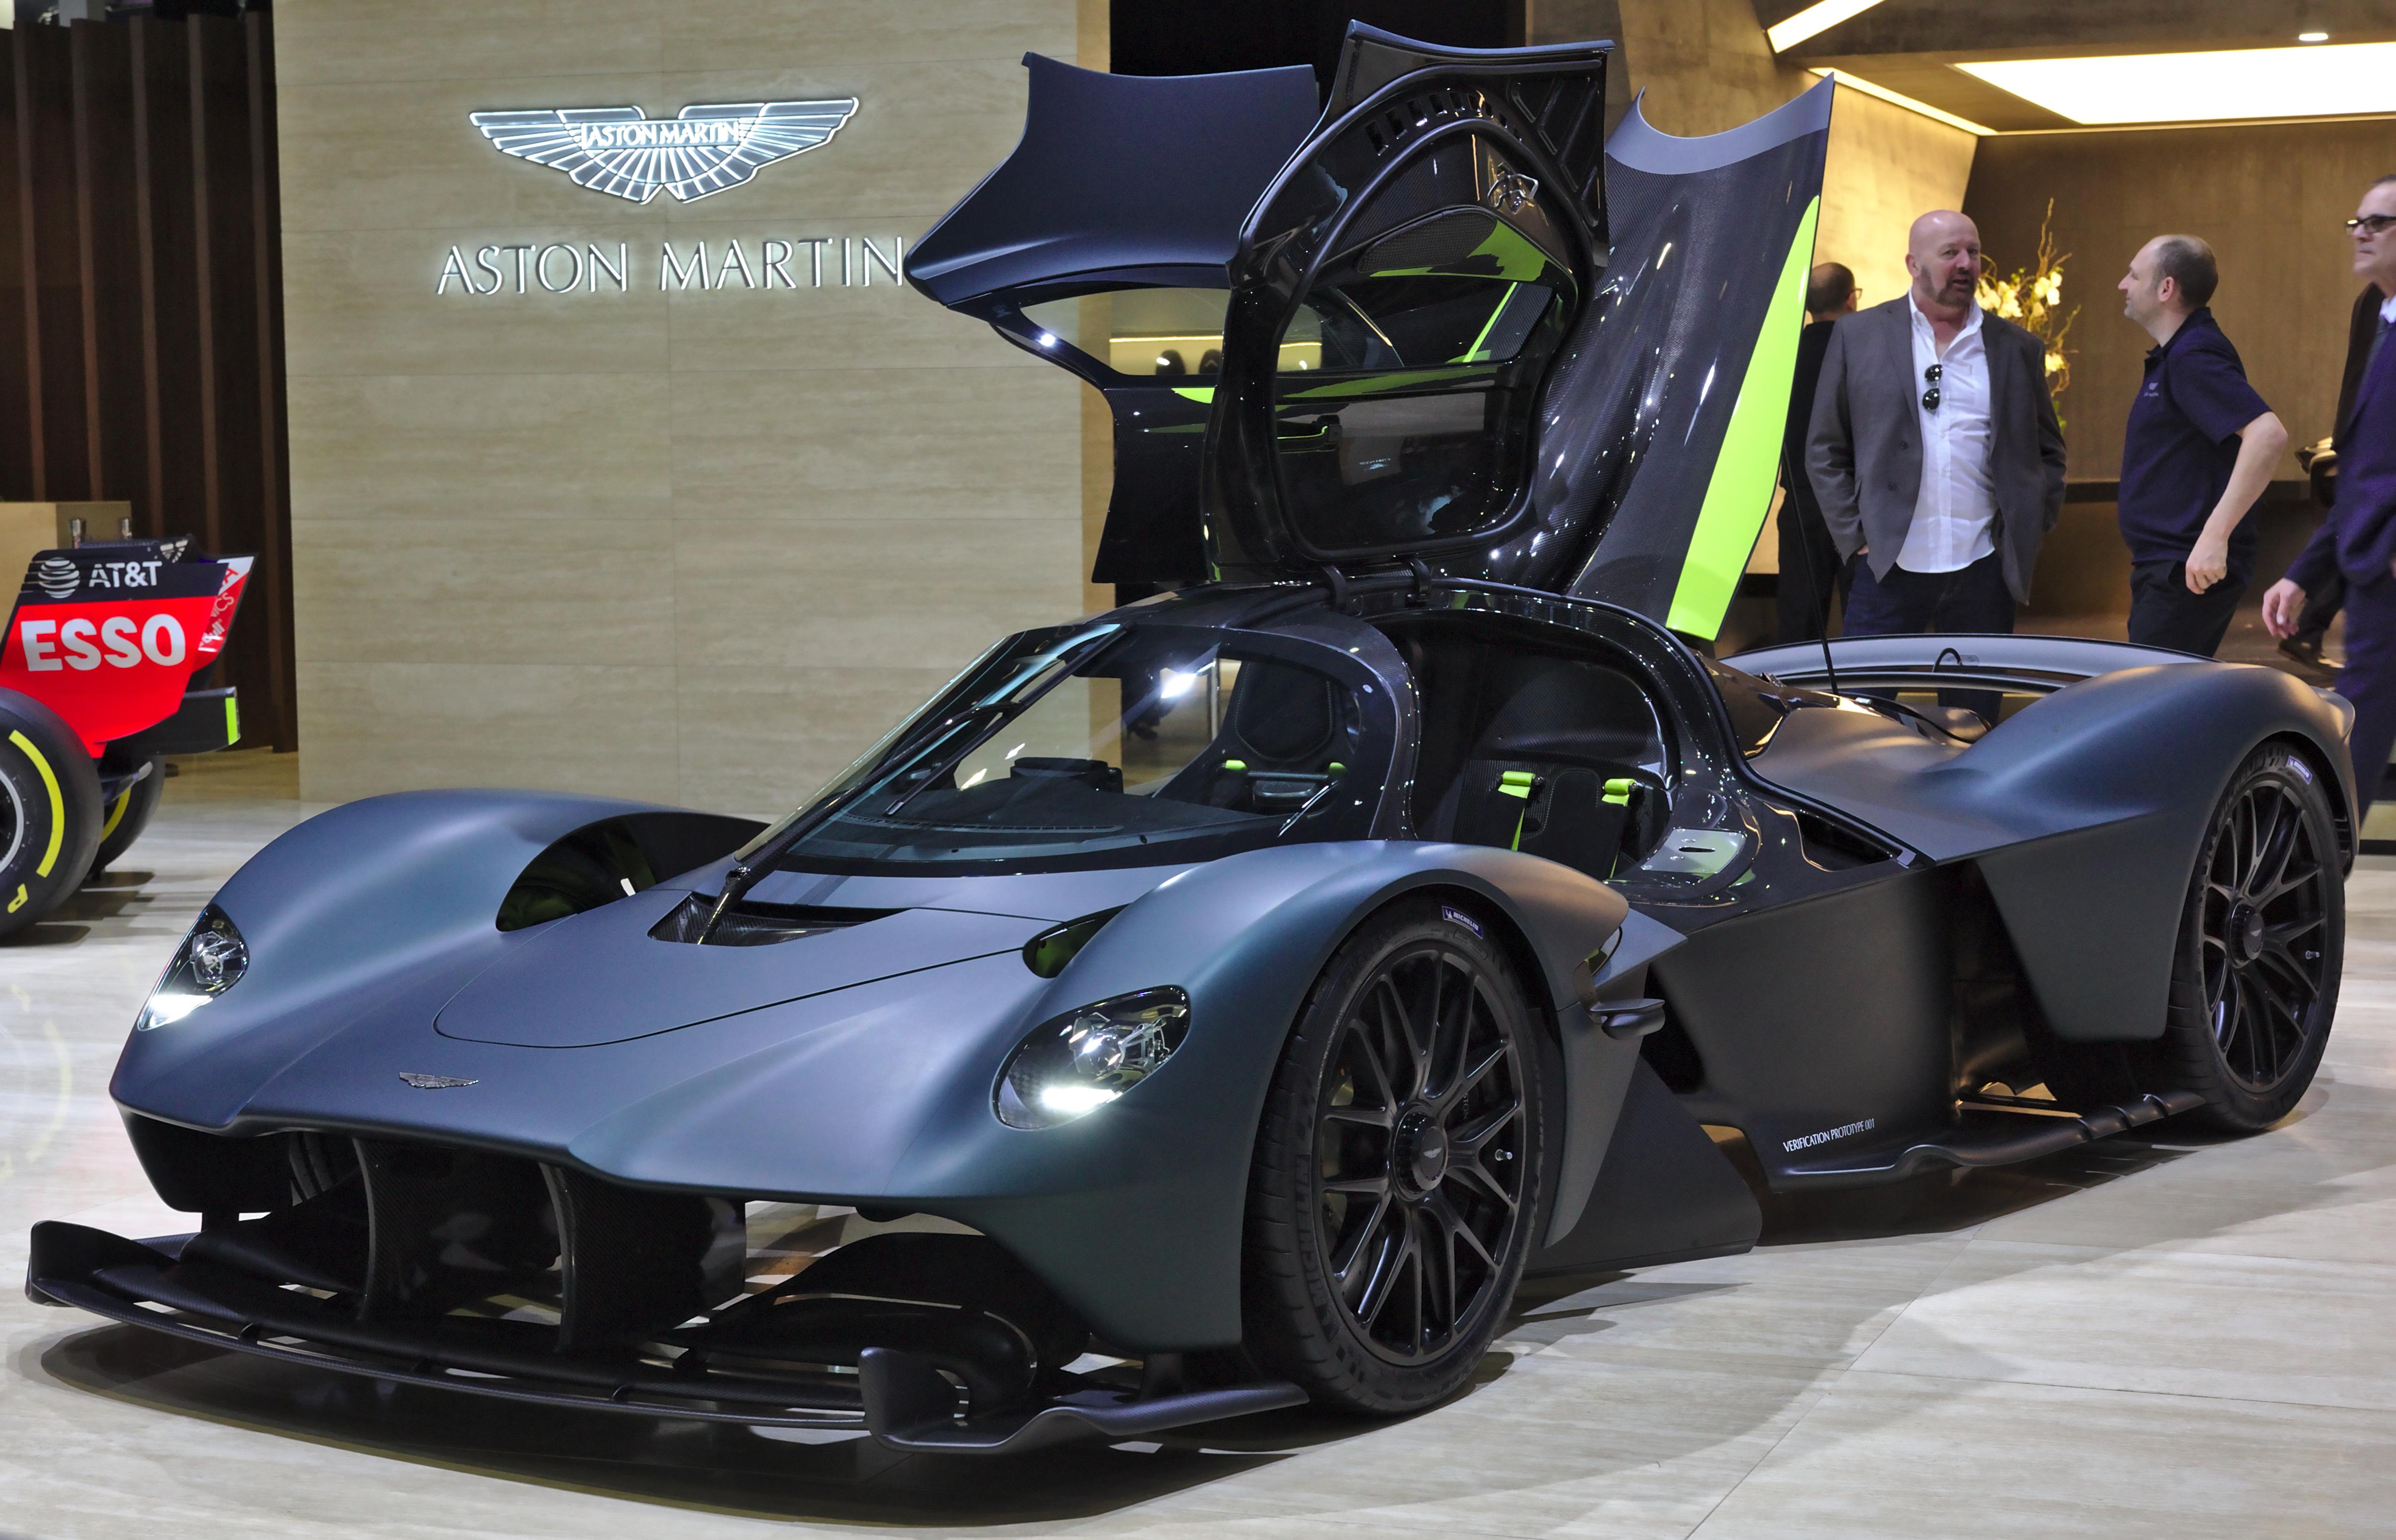 Aston Martin Valkyrie Wikipedia